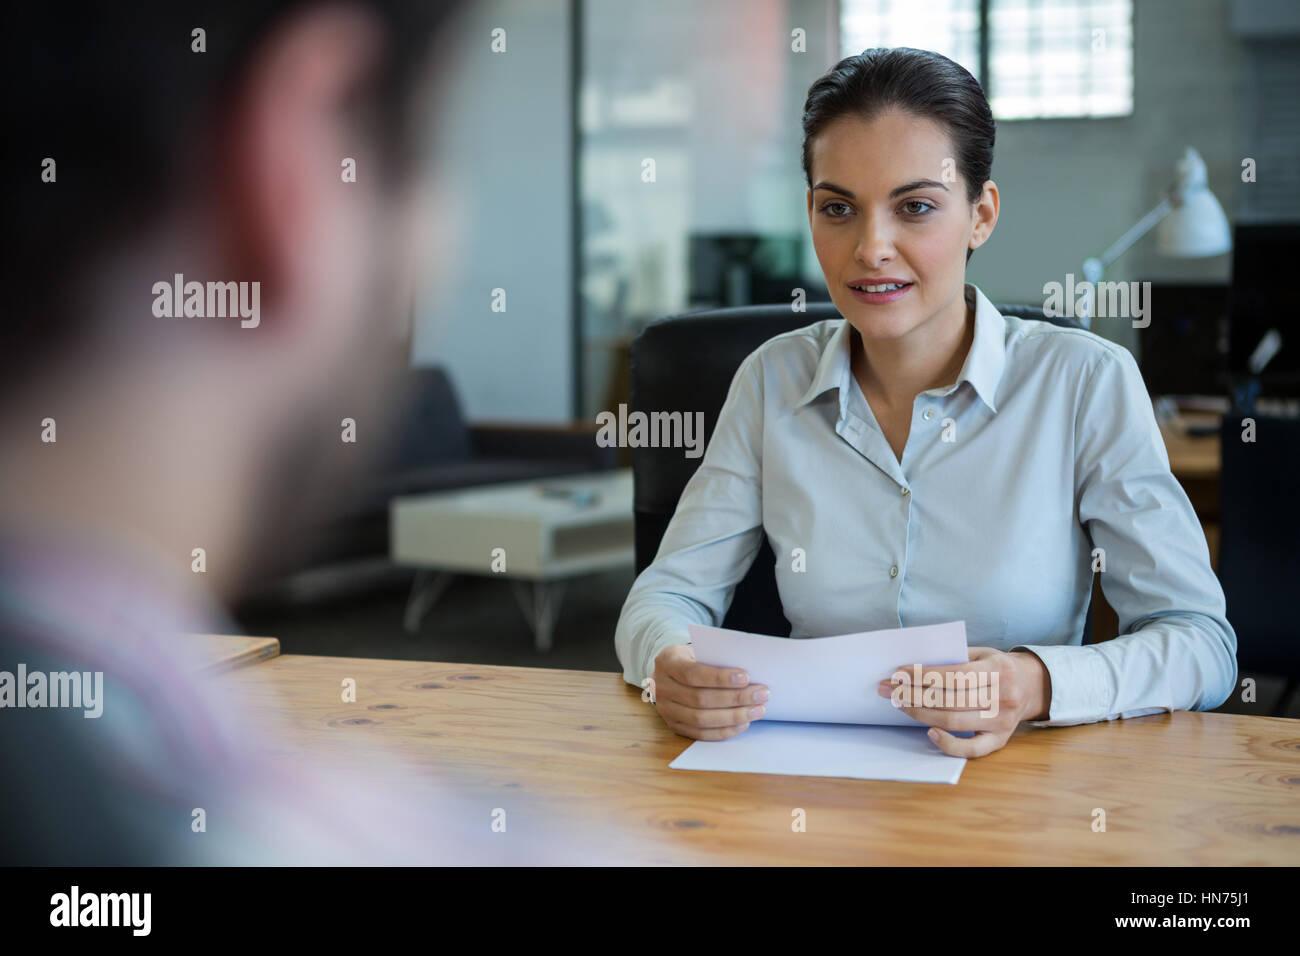 Business executive condurre il colloquio di lavoro con l'uomo in ufficio Immagini Stock